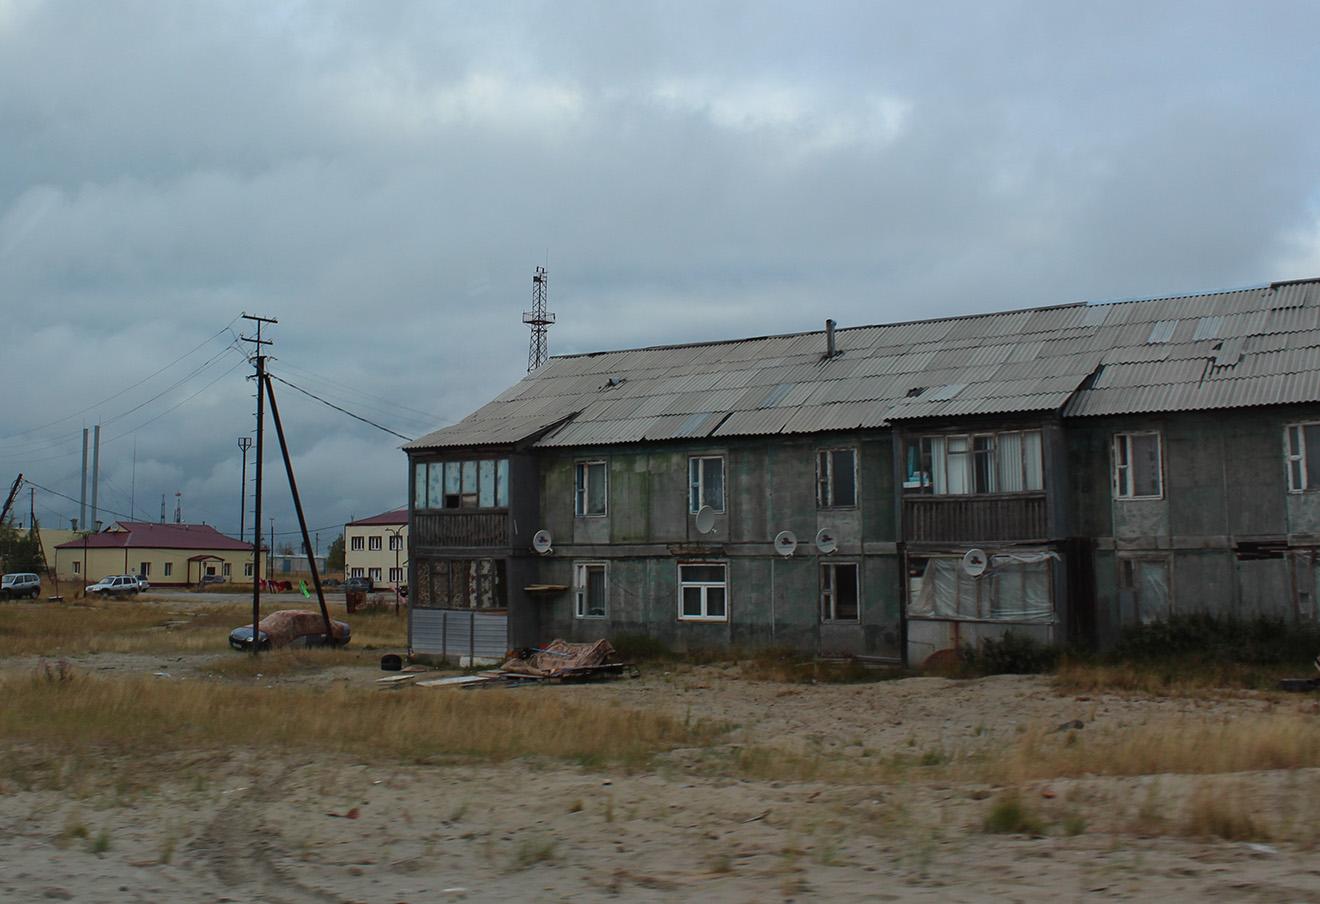 Один из аварийных домов в Новом Уренгое. Фото: Елена Новоселова